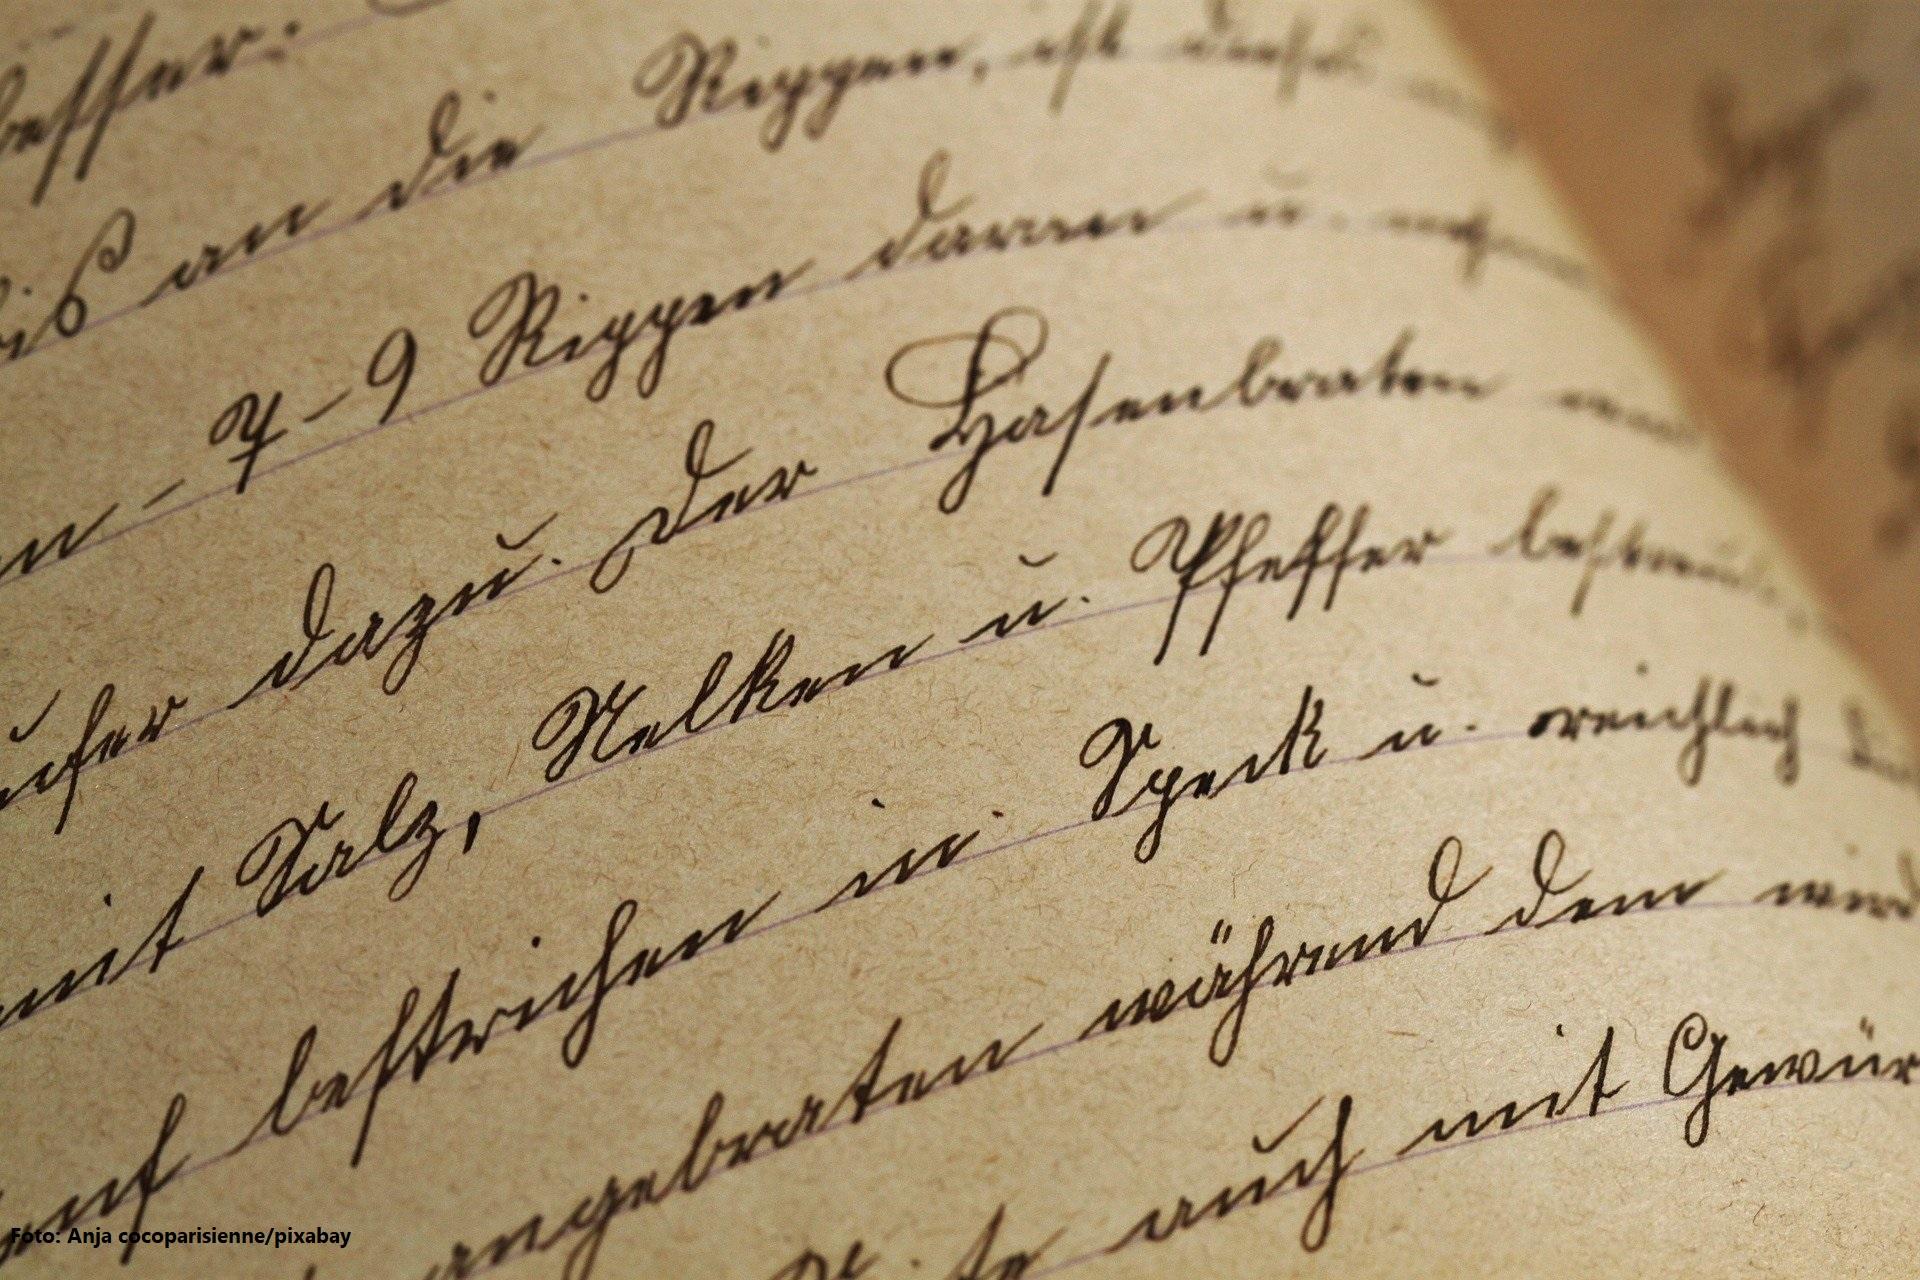 alte Sütterlin-Handschrift